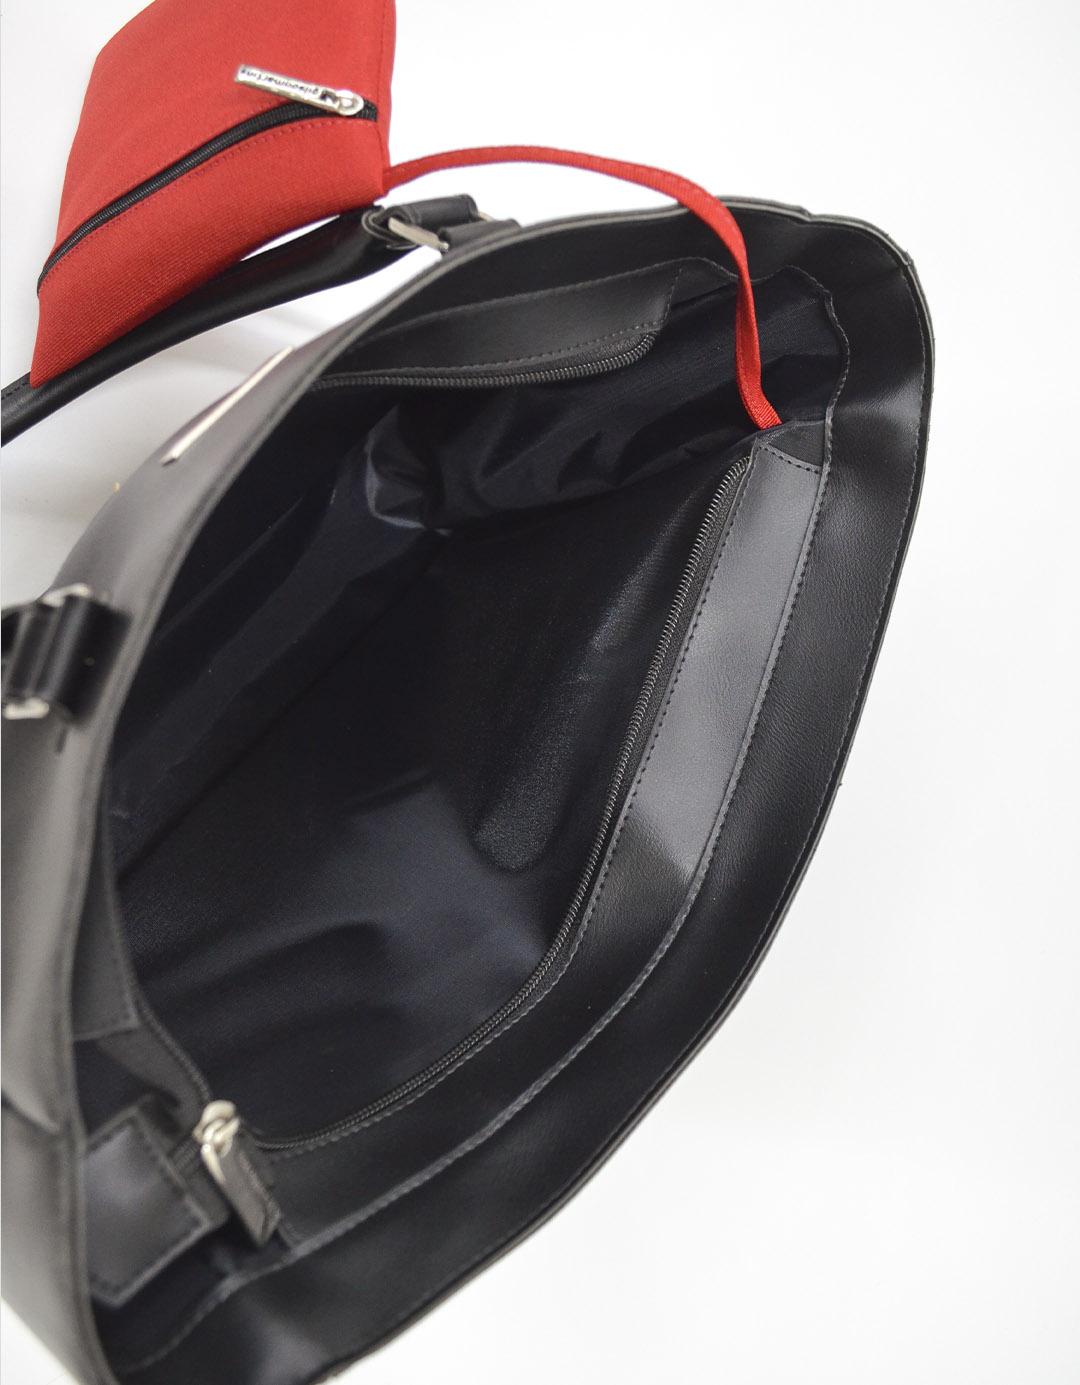 Bolsa Feminina de Ombro Preta Customizada Ipanema Lixo Nobre